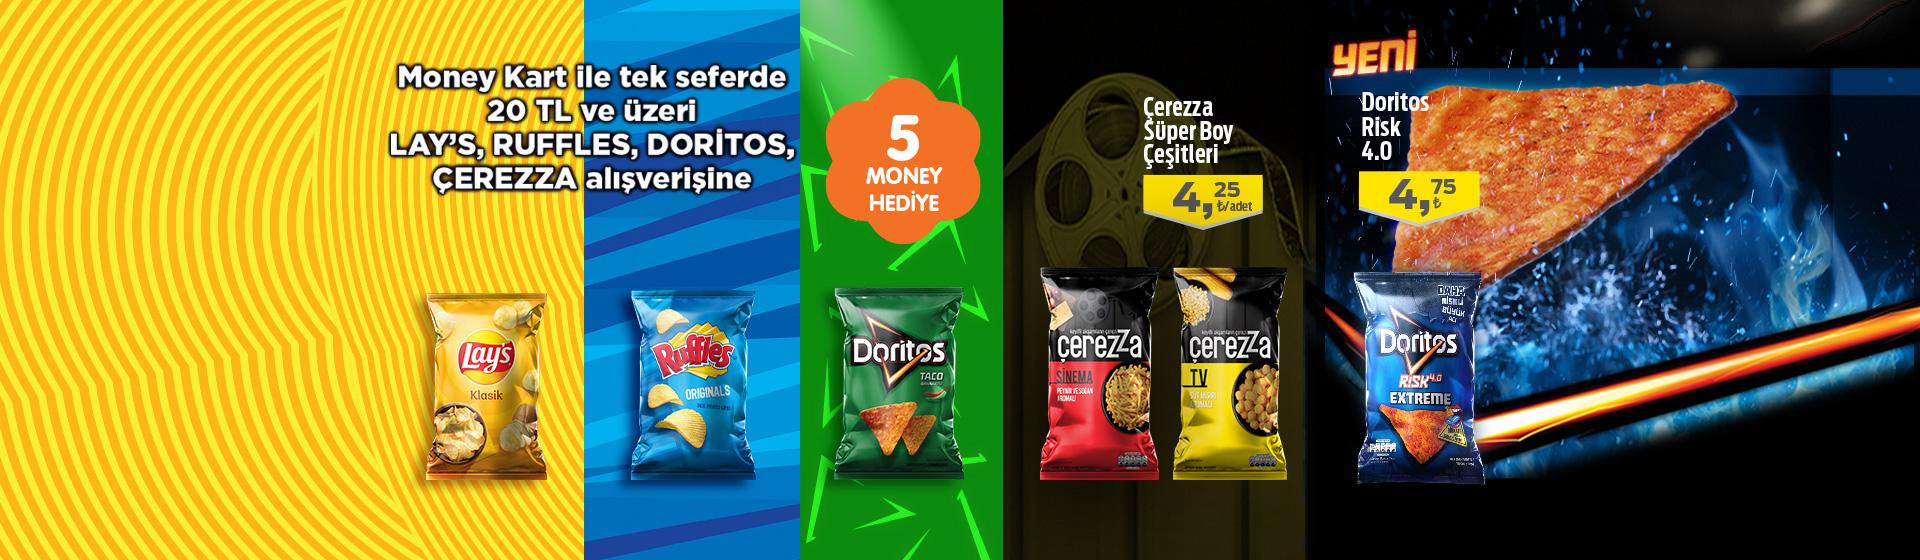 Lays, Ruffles, Doritos ve Çerezza Money Kampanyası